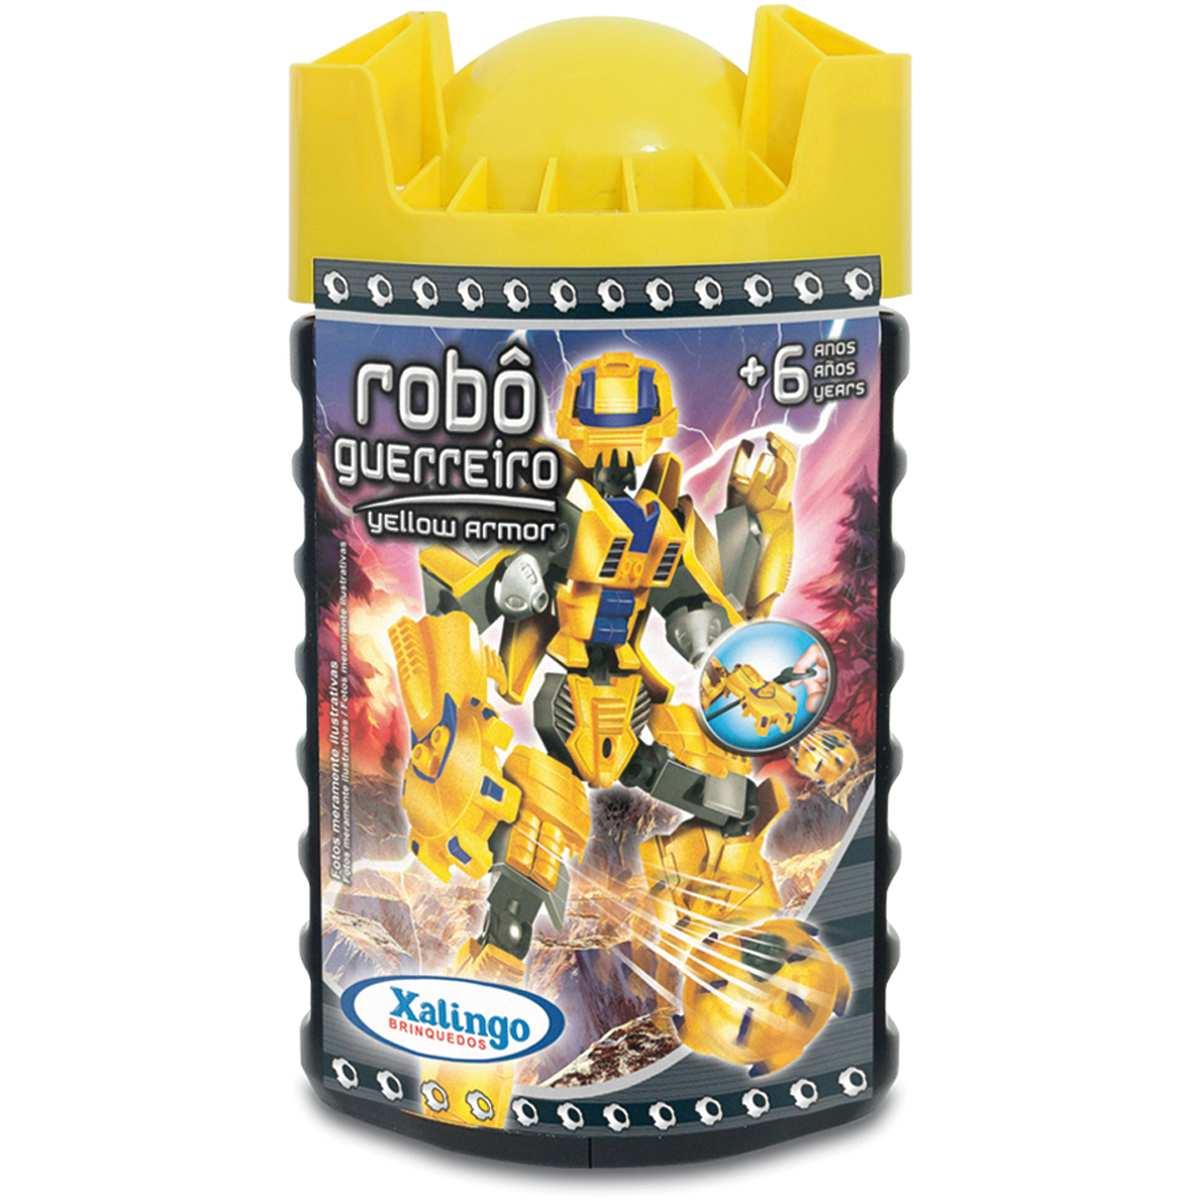 Brinquedo para Montar | Robo Guerreiro Yellow Armor 57 | Xalingo